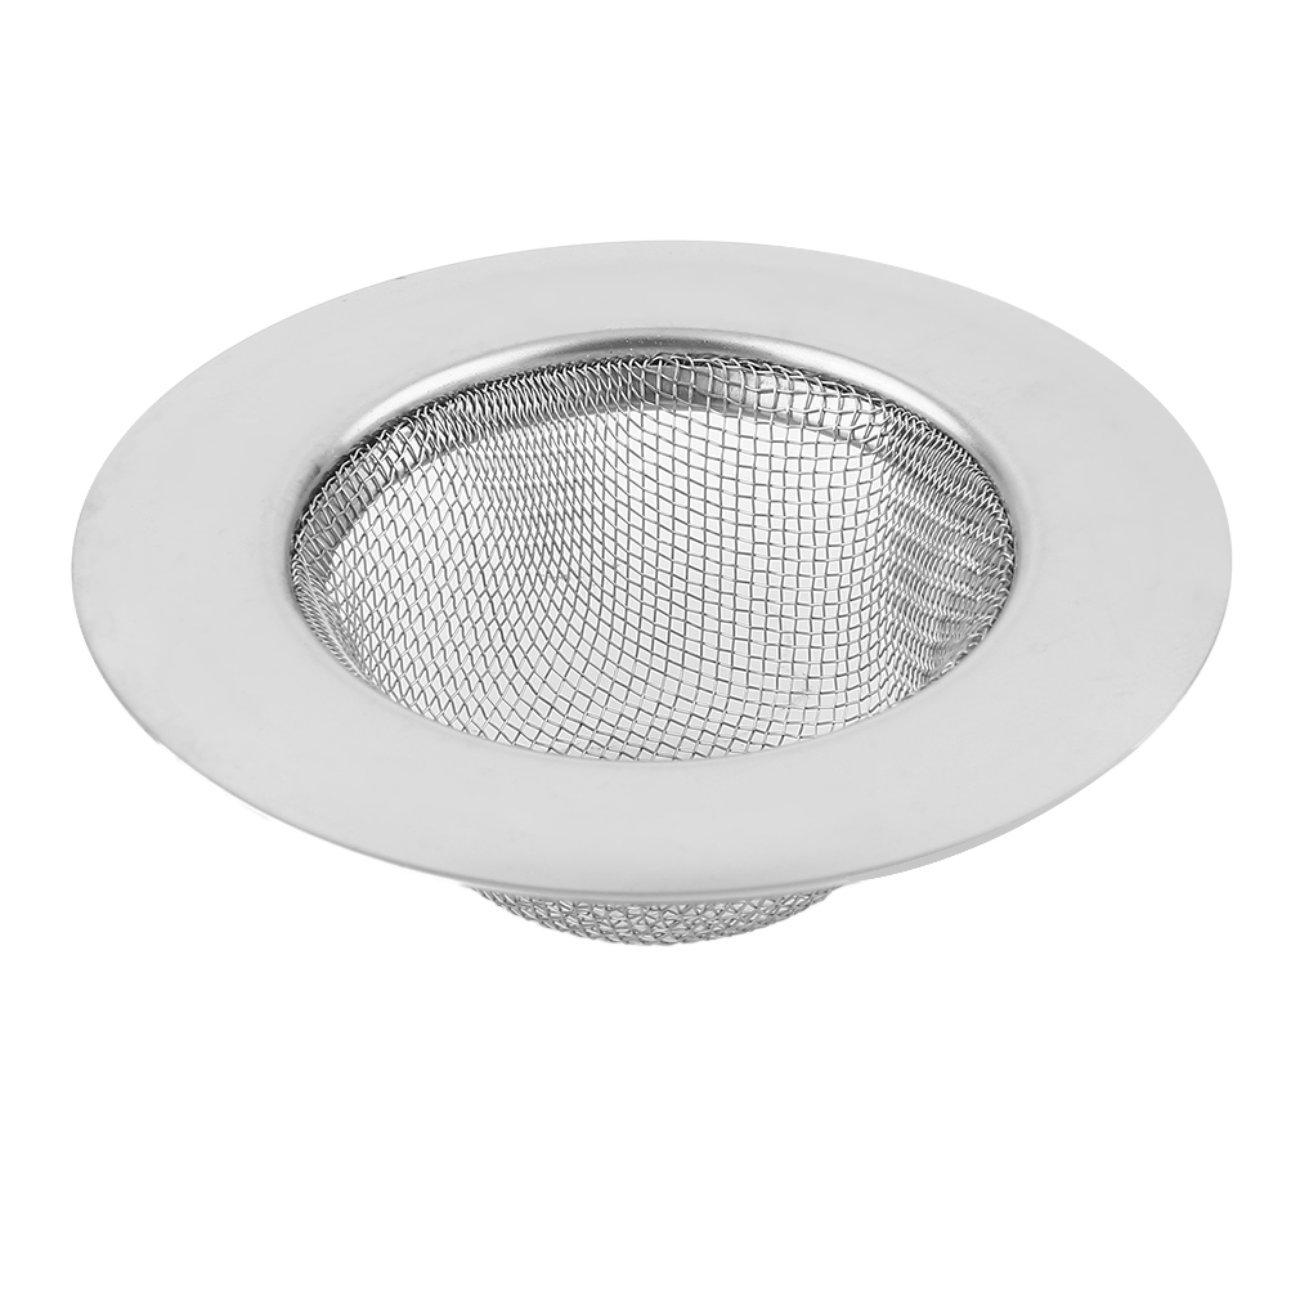 plata y 9 cm JIUY Acero inoxidable piso cocina fregadero de drenaje del filtro colador de evitar la obstrucci/ón de alcantarillado Appliance Rejilla del tanque de agua